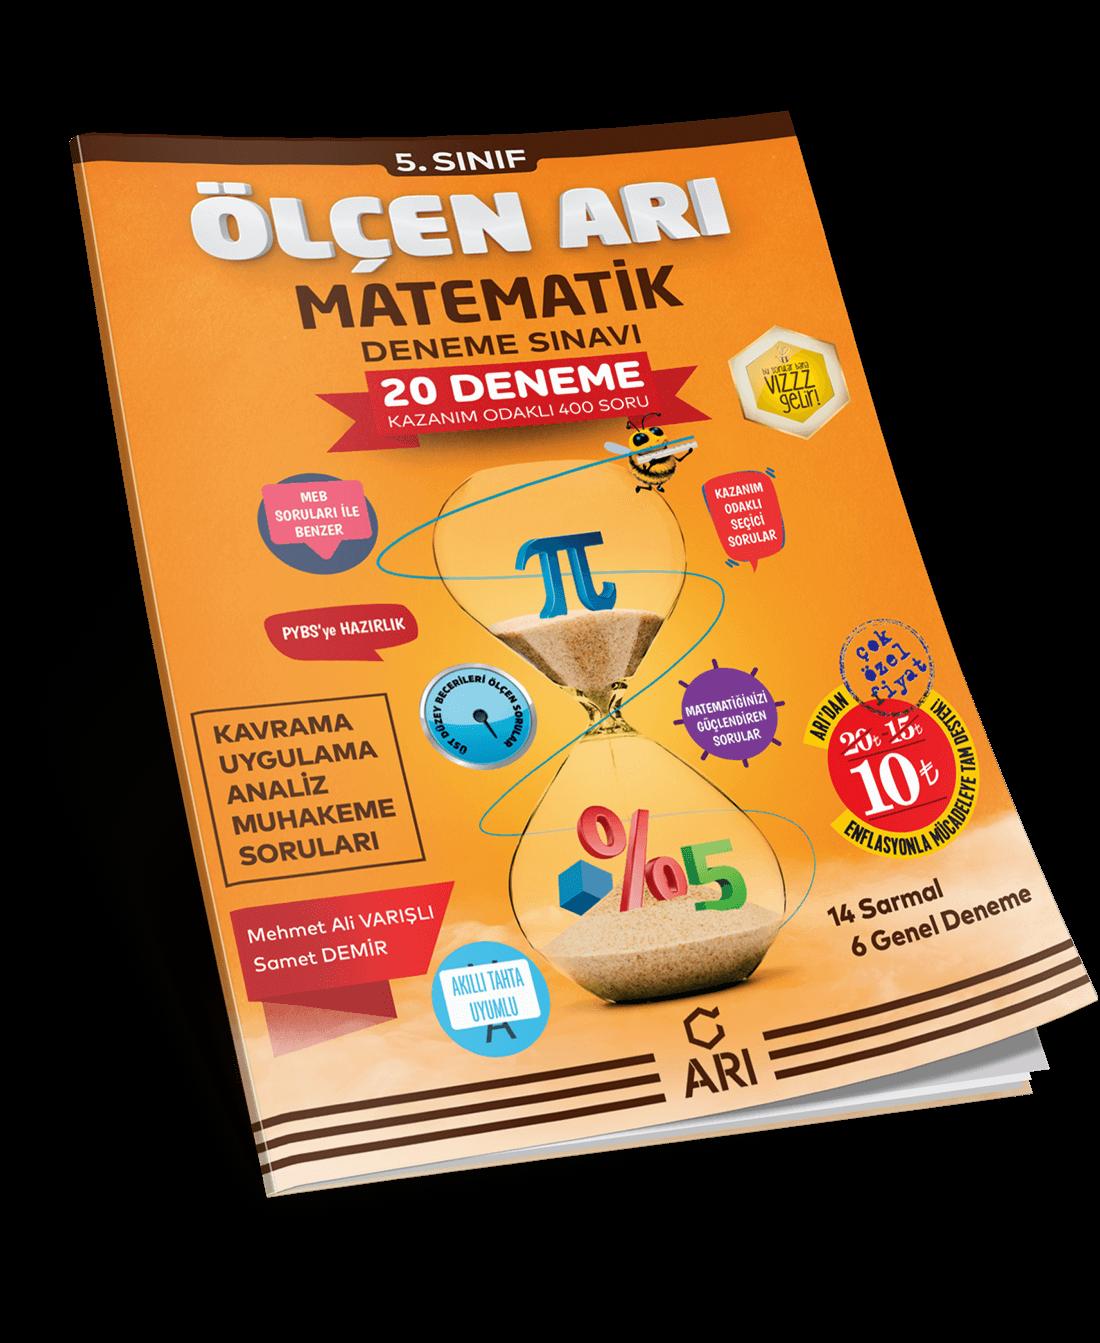 Ölçen Arı Matematik Deneme Sınavı 5. Sınıf